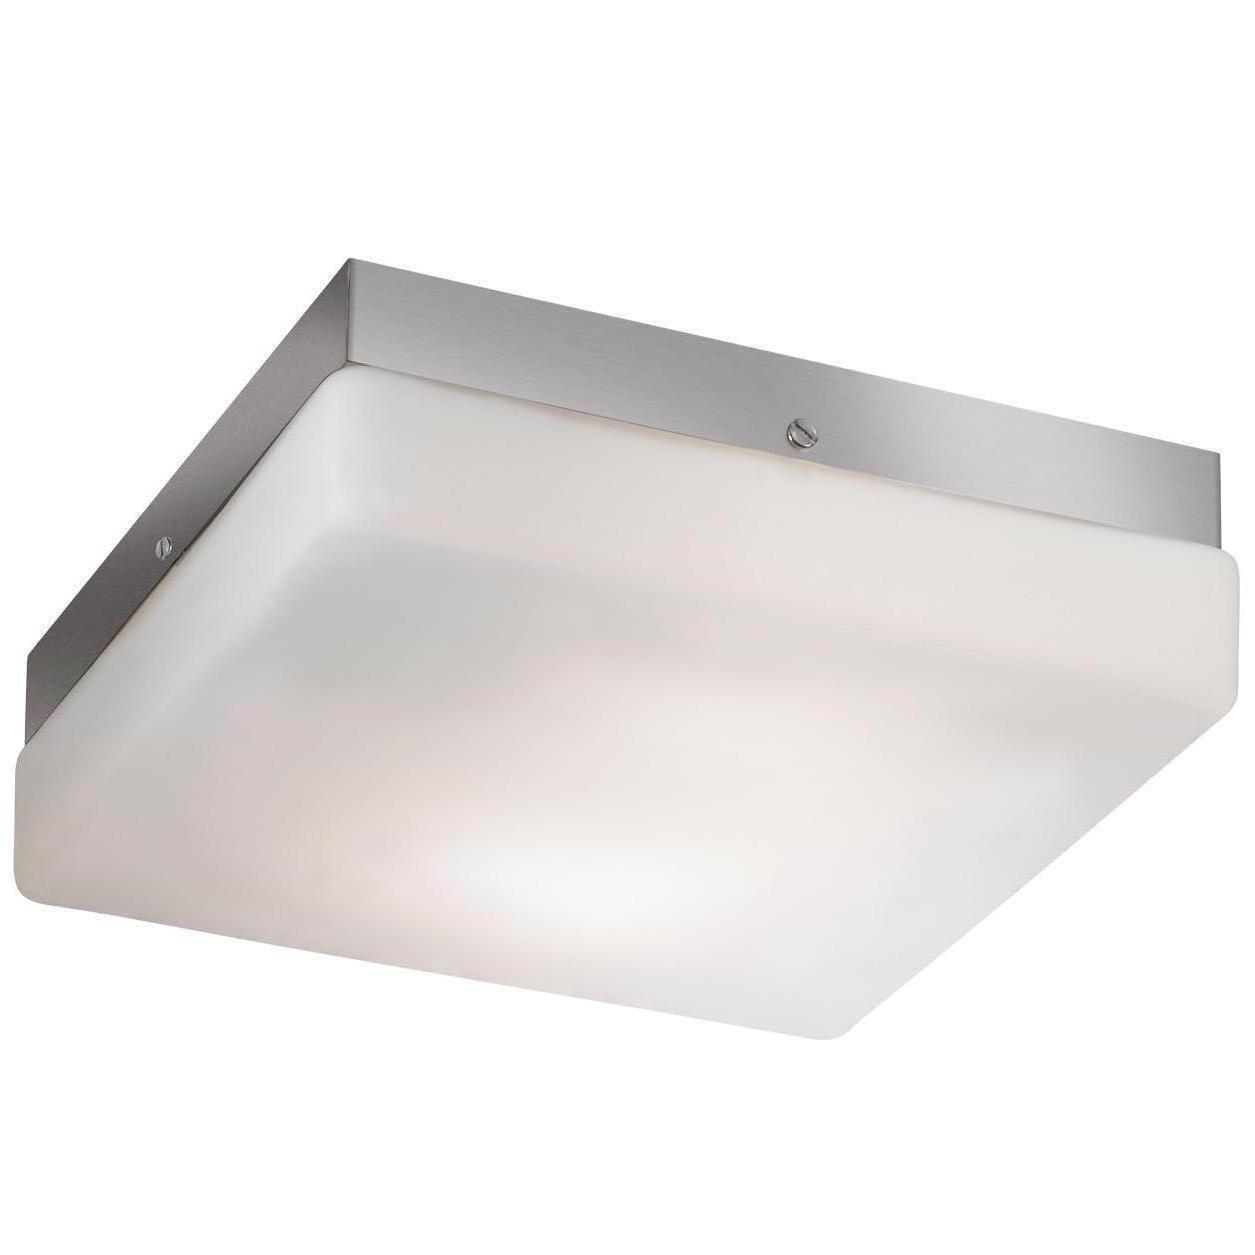 Светильник настенно-потолочный Odeon light 2406/2c